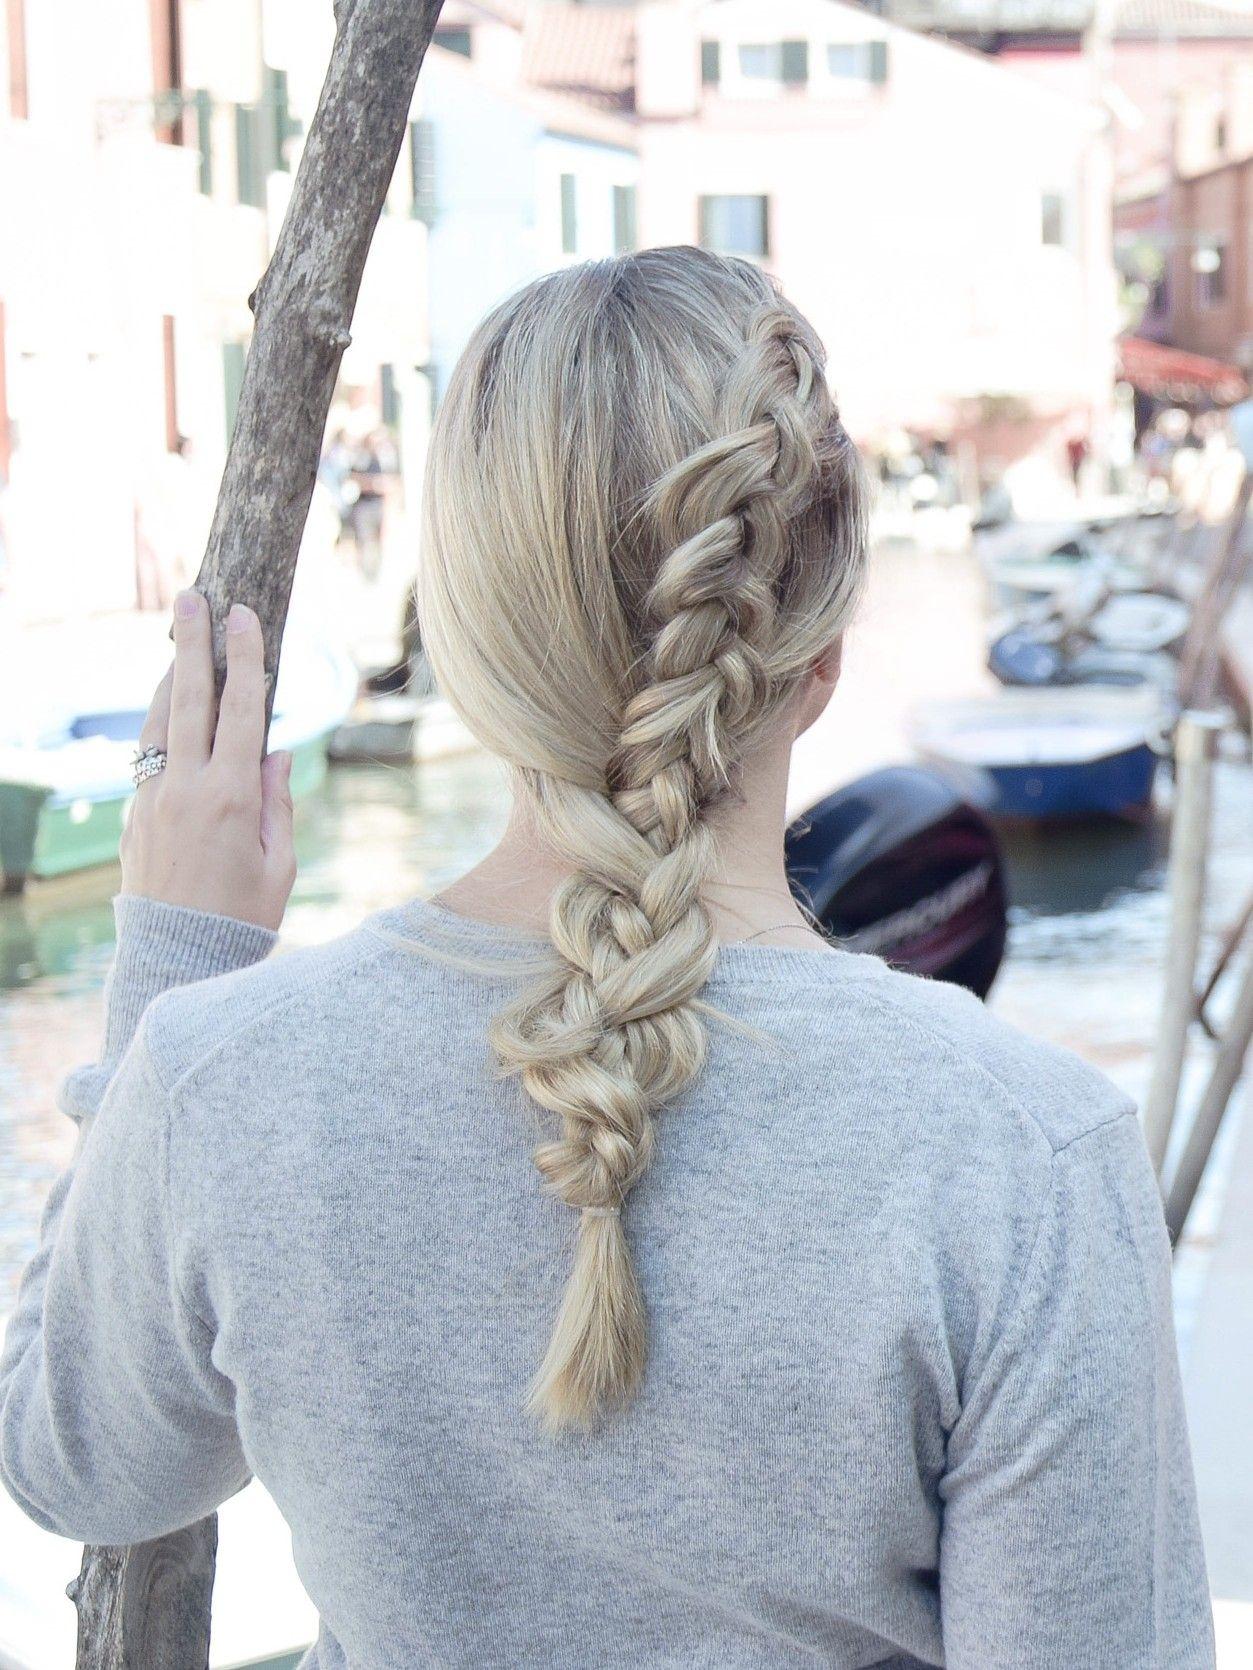 Dutch Braid In A Braid Die Praktische Sightseeing Frisur Braids Life Geflochtene Frisuren Flechten Lange Haare Geflochtene Haare